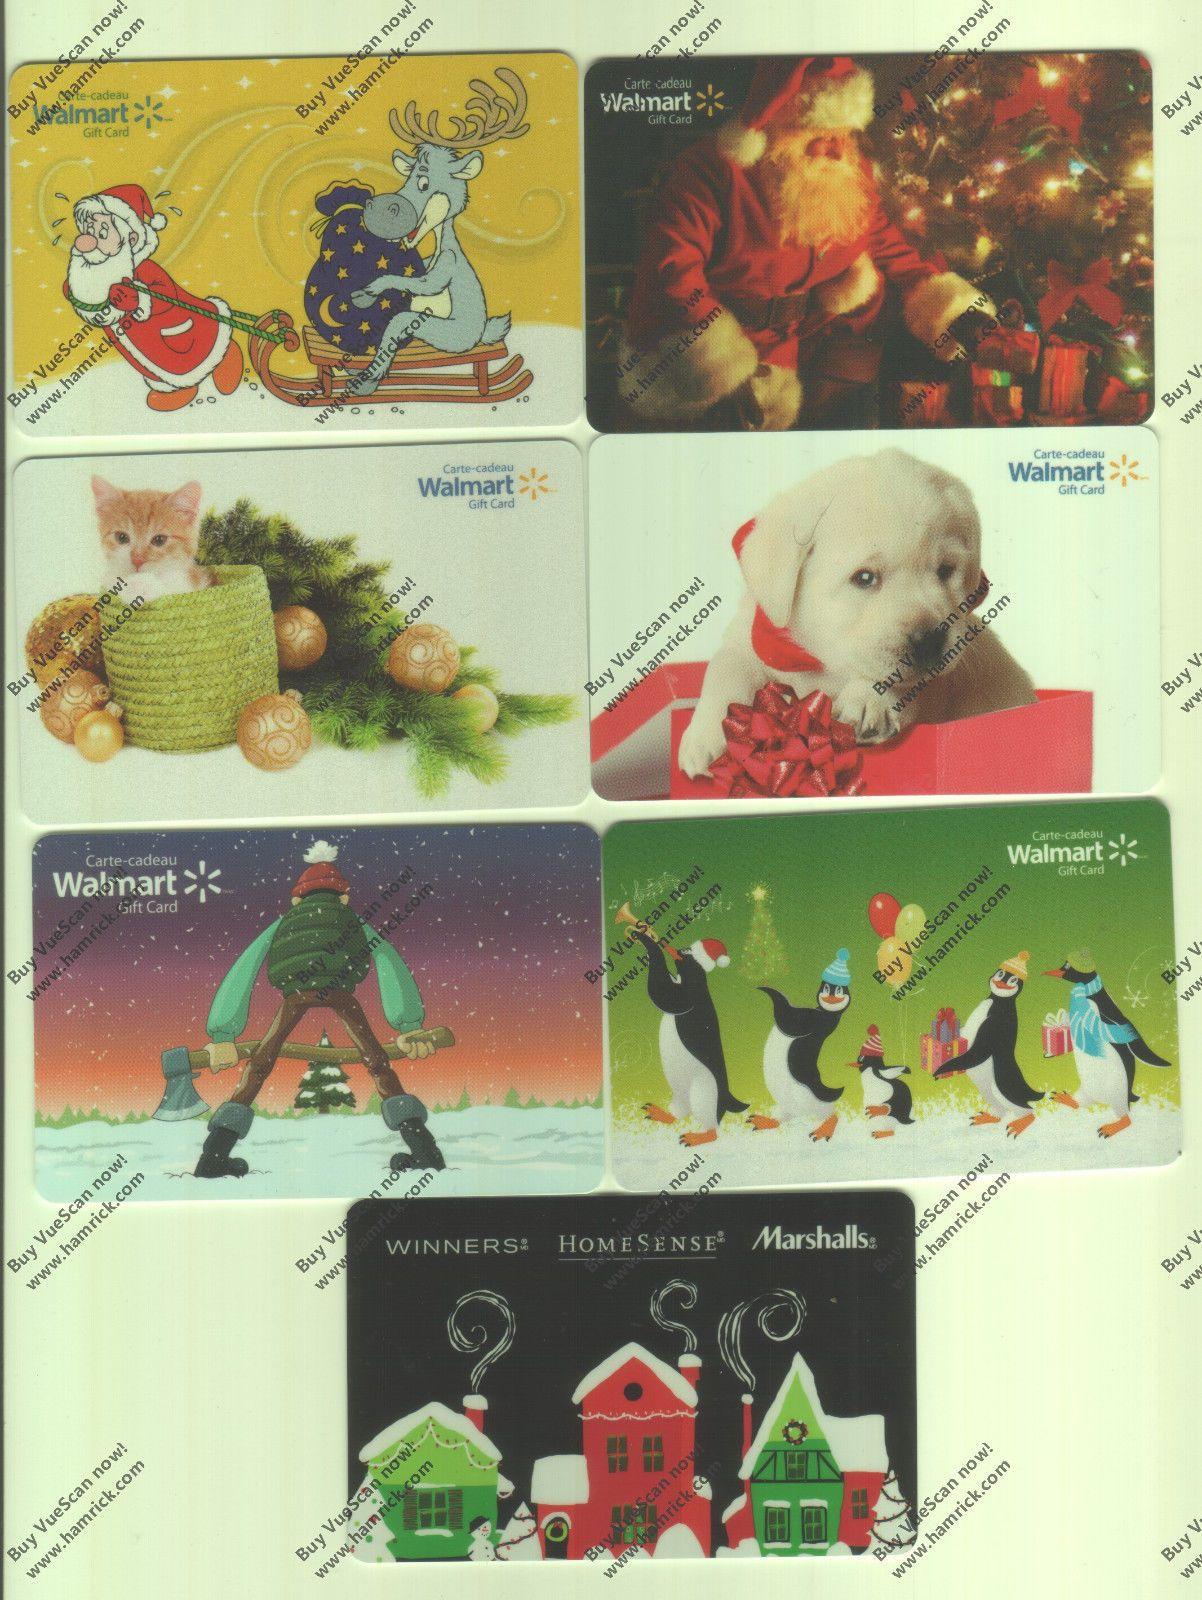 Canada walmart holiday mixed gift card new no value